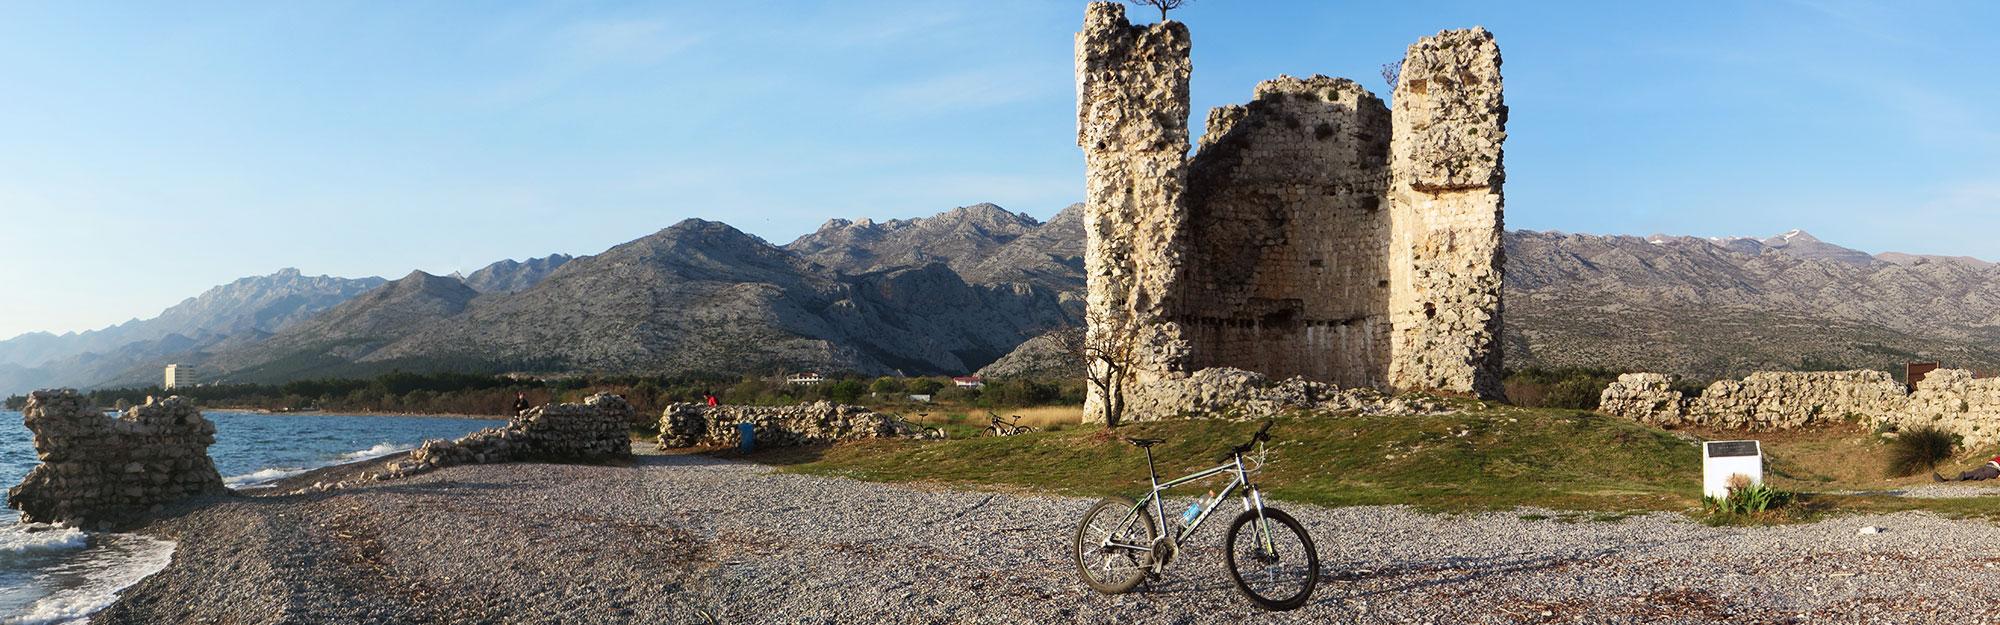 Cycling-NP-Paklenica-Vecka.jpg